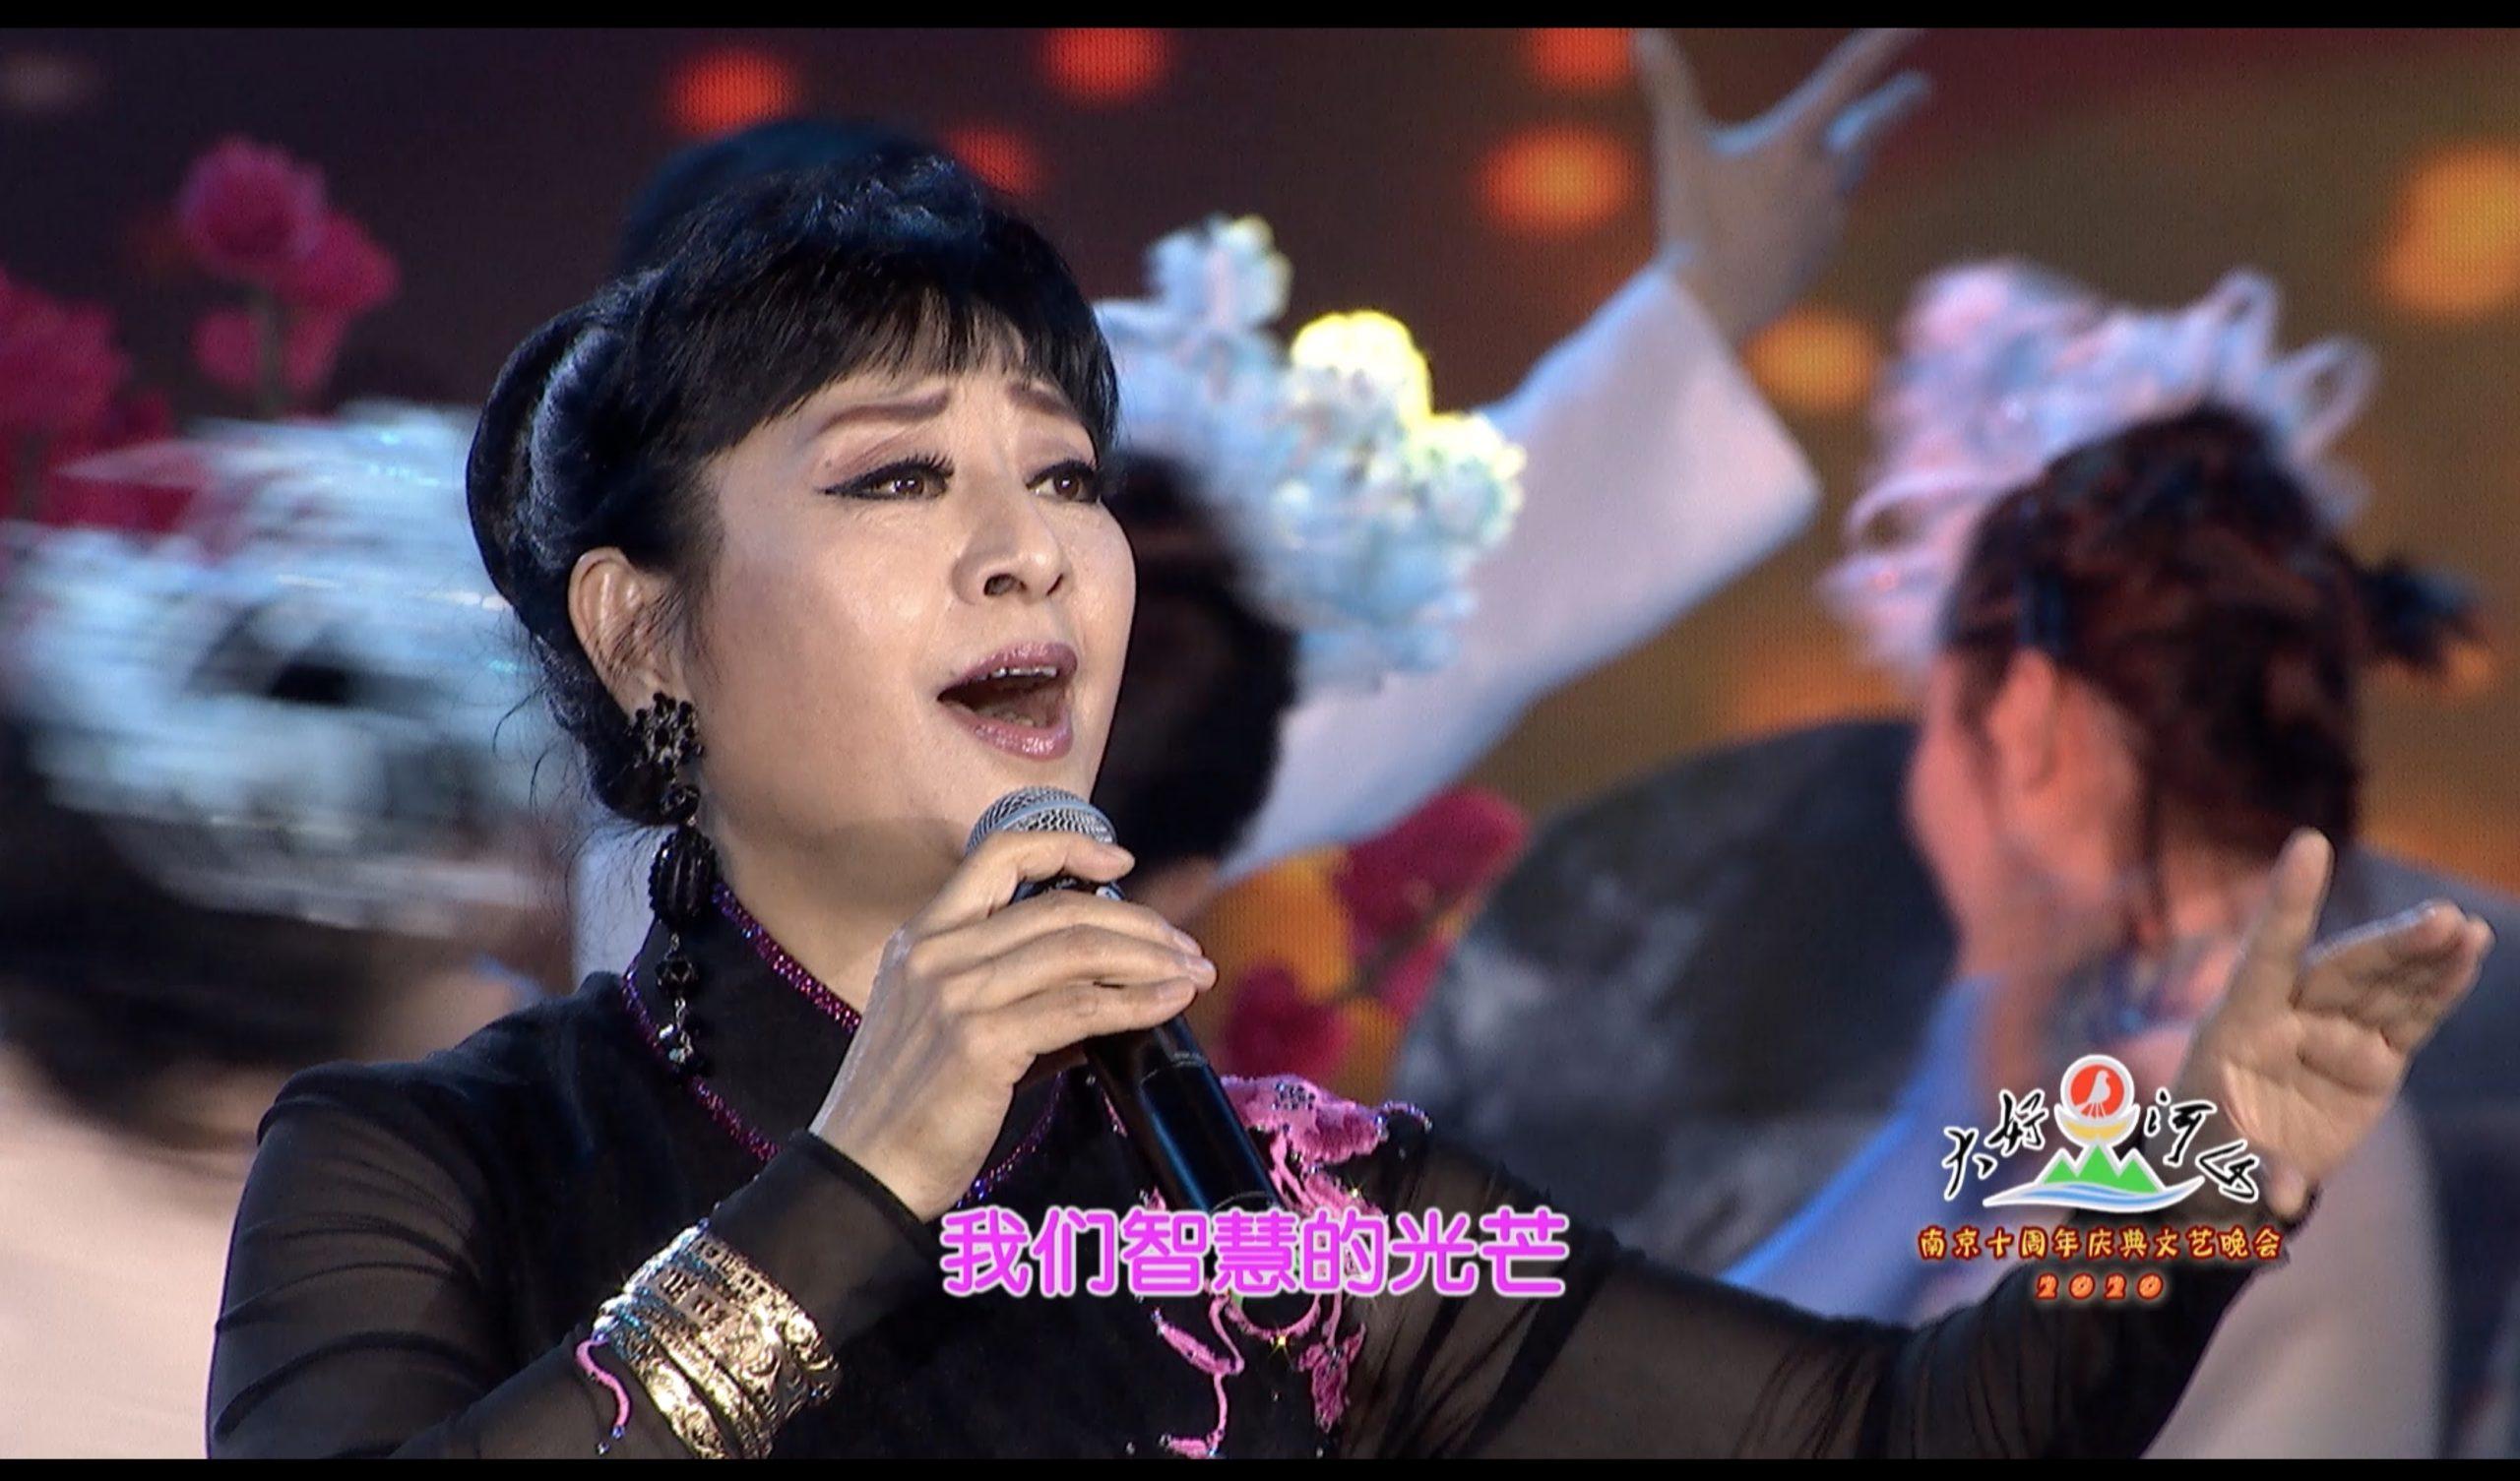 2020大好河山南京十周年庆典公益晚会 歌曲《复兴的力量》殷秀梅